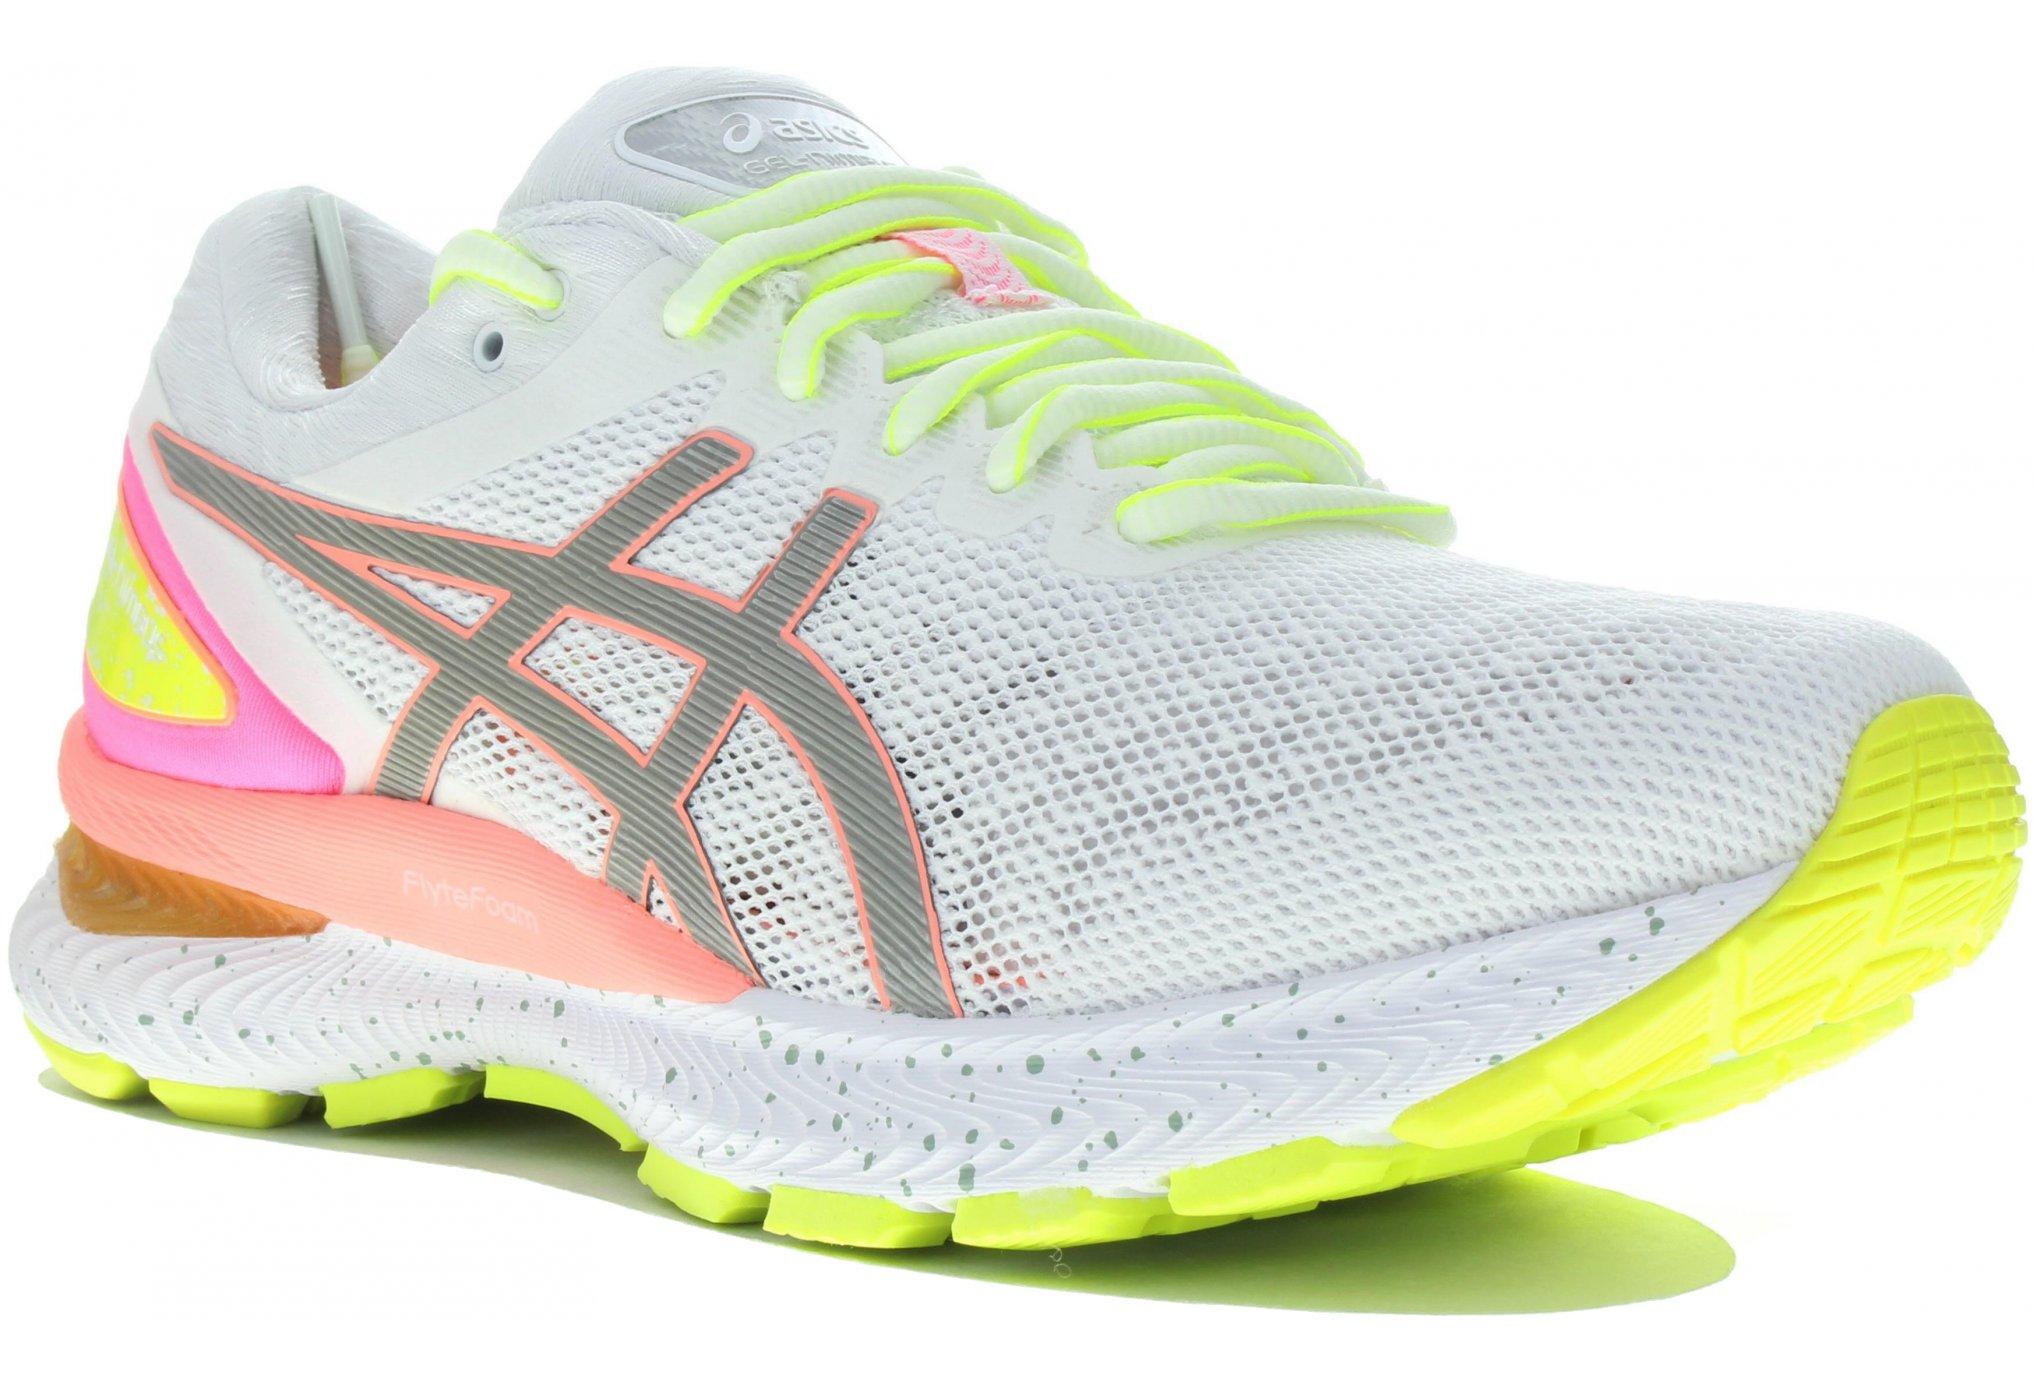 Asics Gel-Nimbus 22 Expert Chaussures running femme